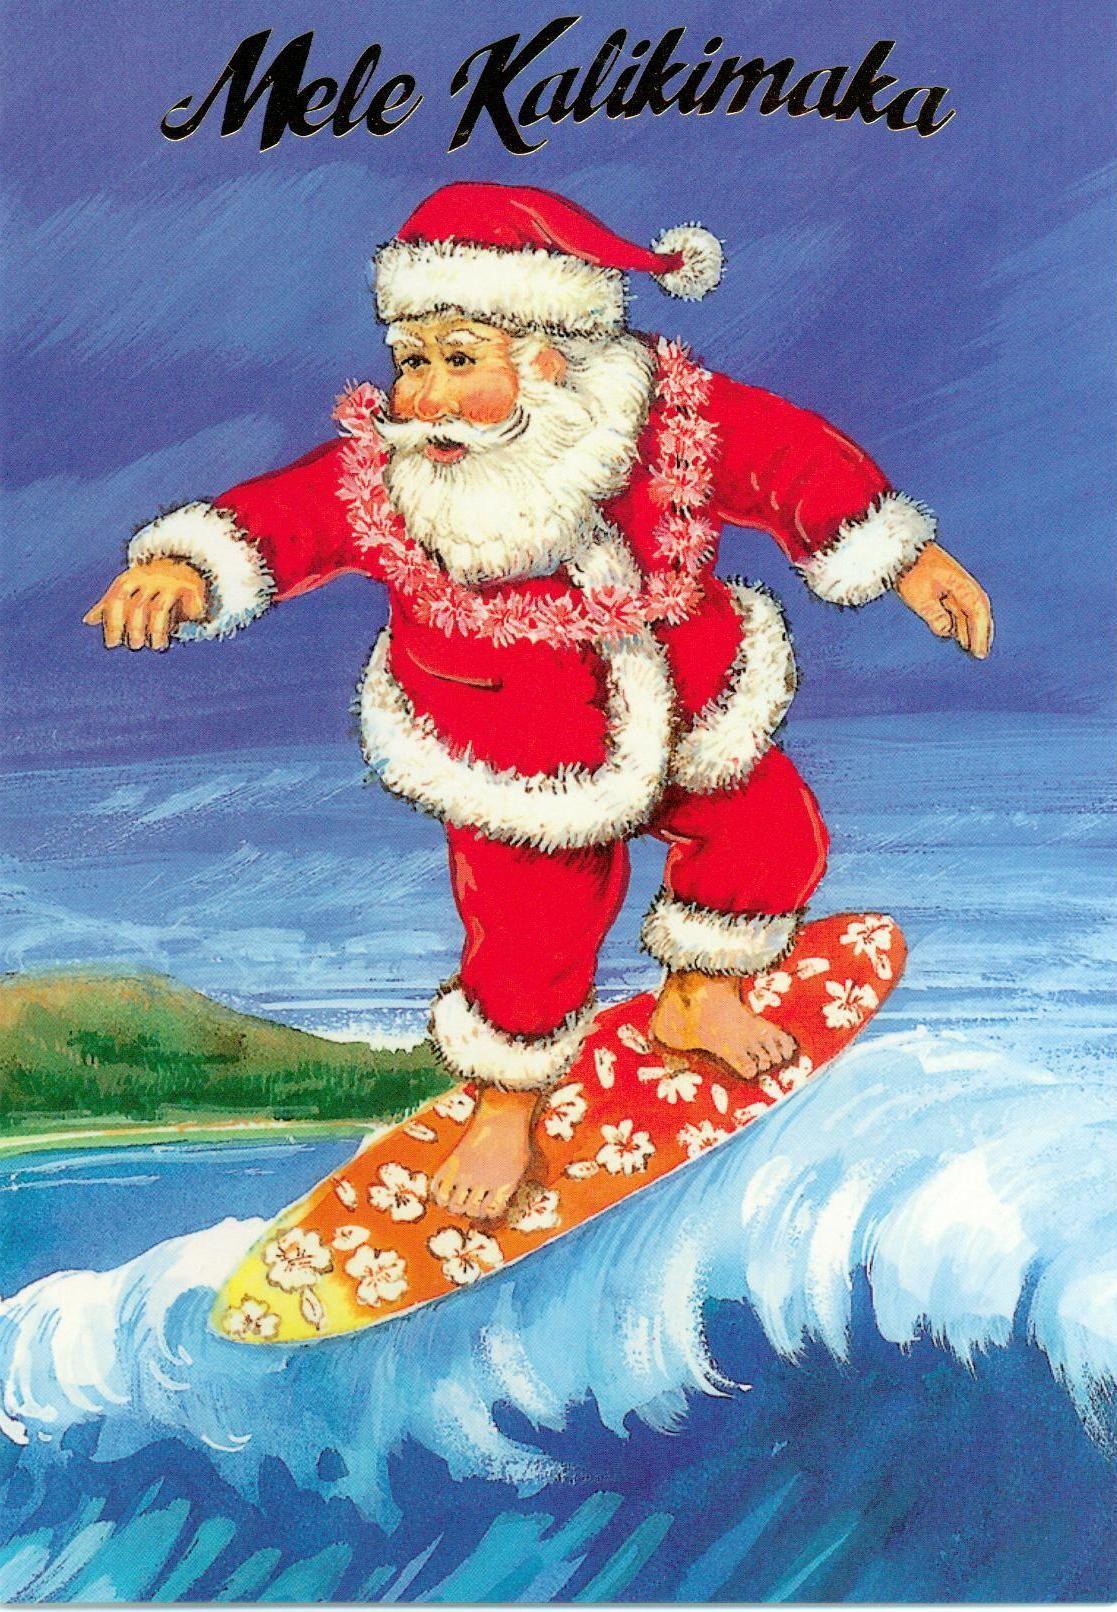 Surfing Santa Mele Kalikimaka, Merry Christmas! | Christmas ...